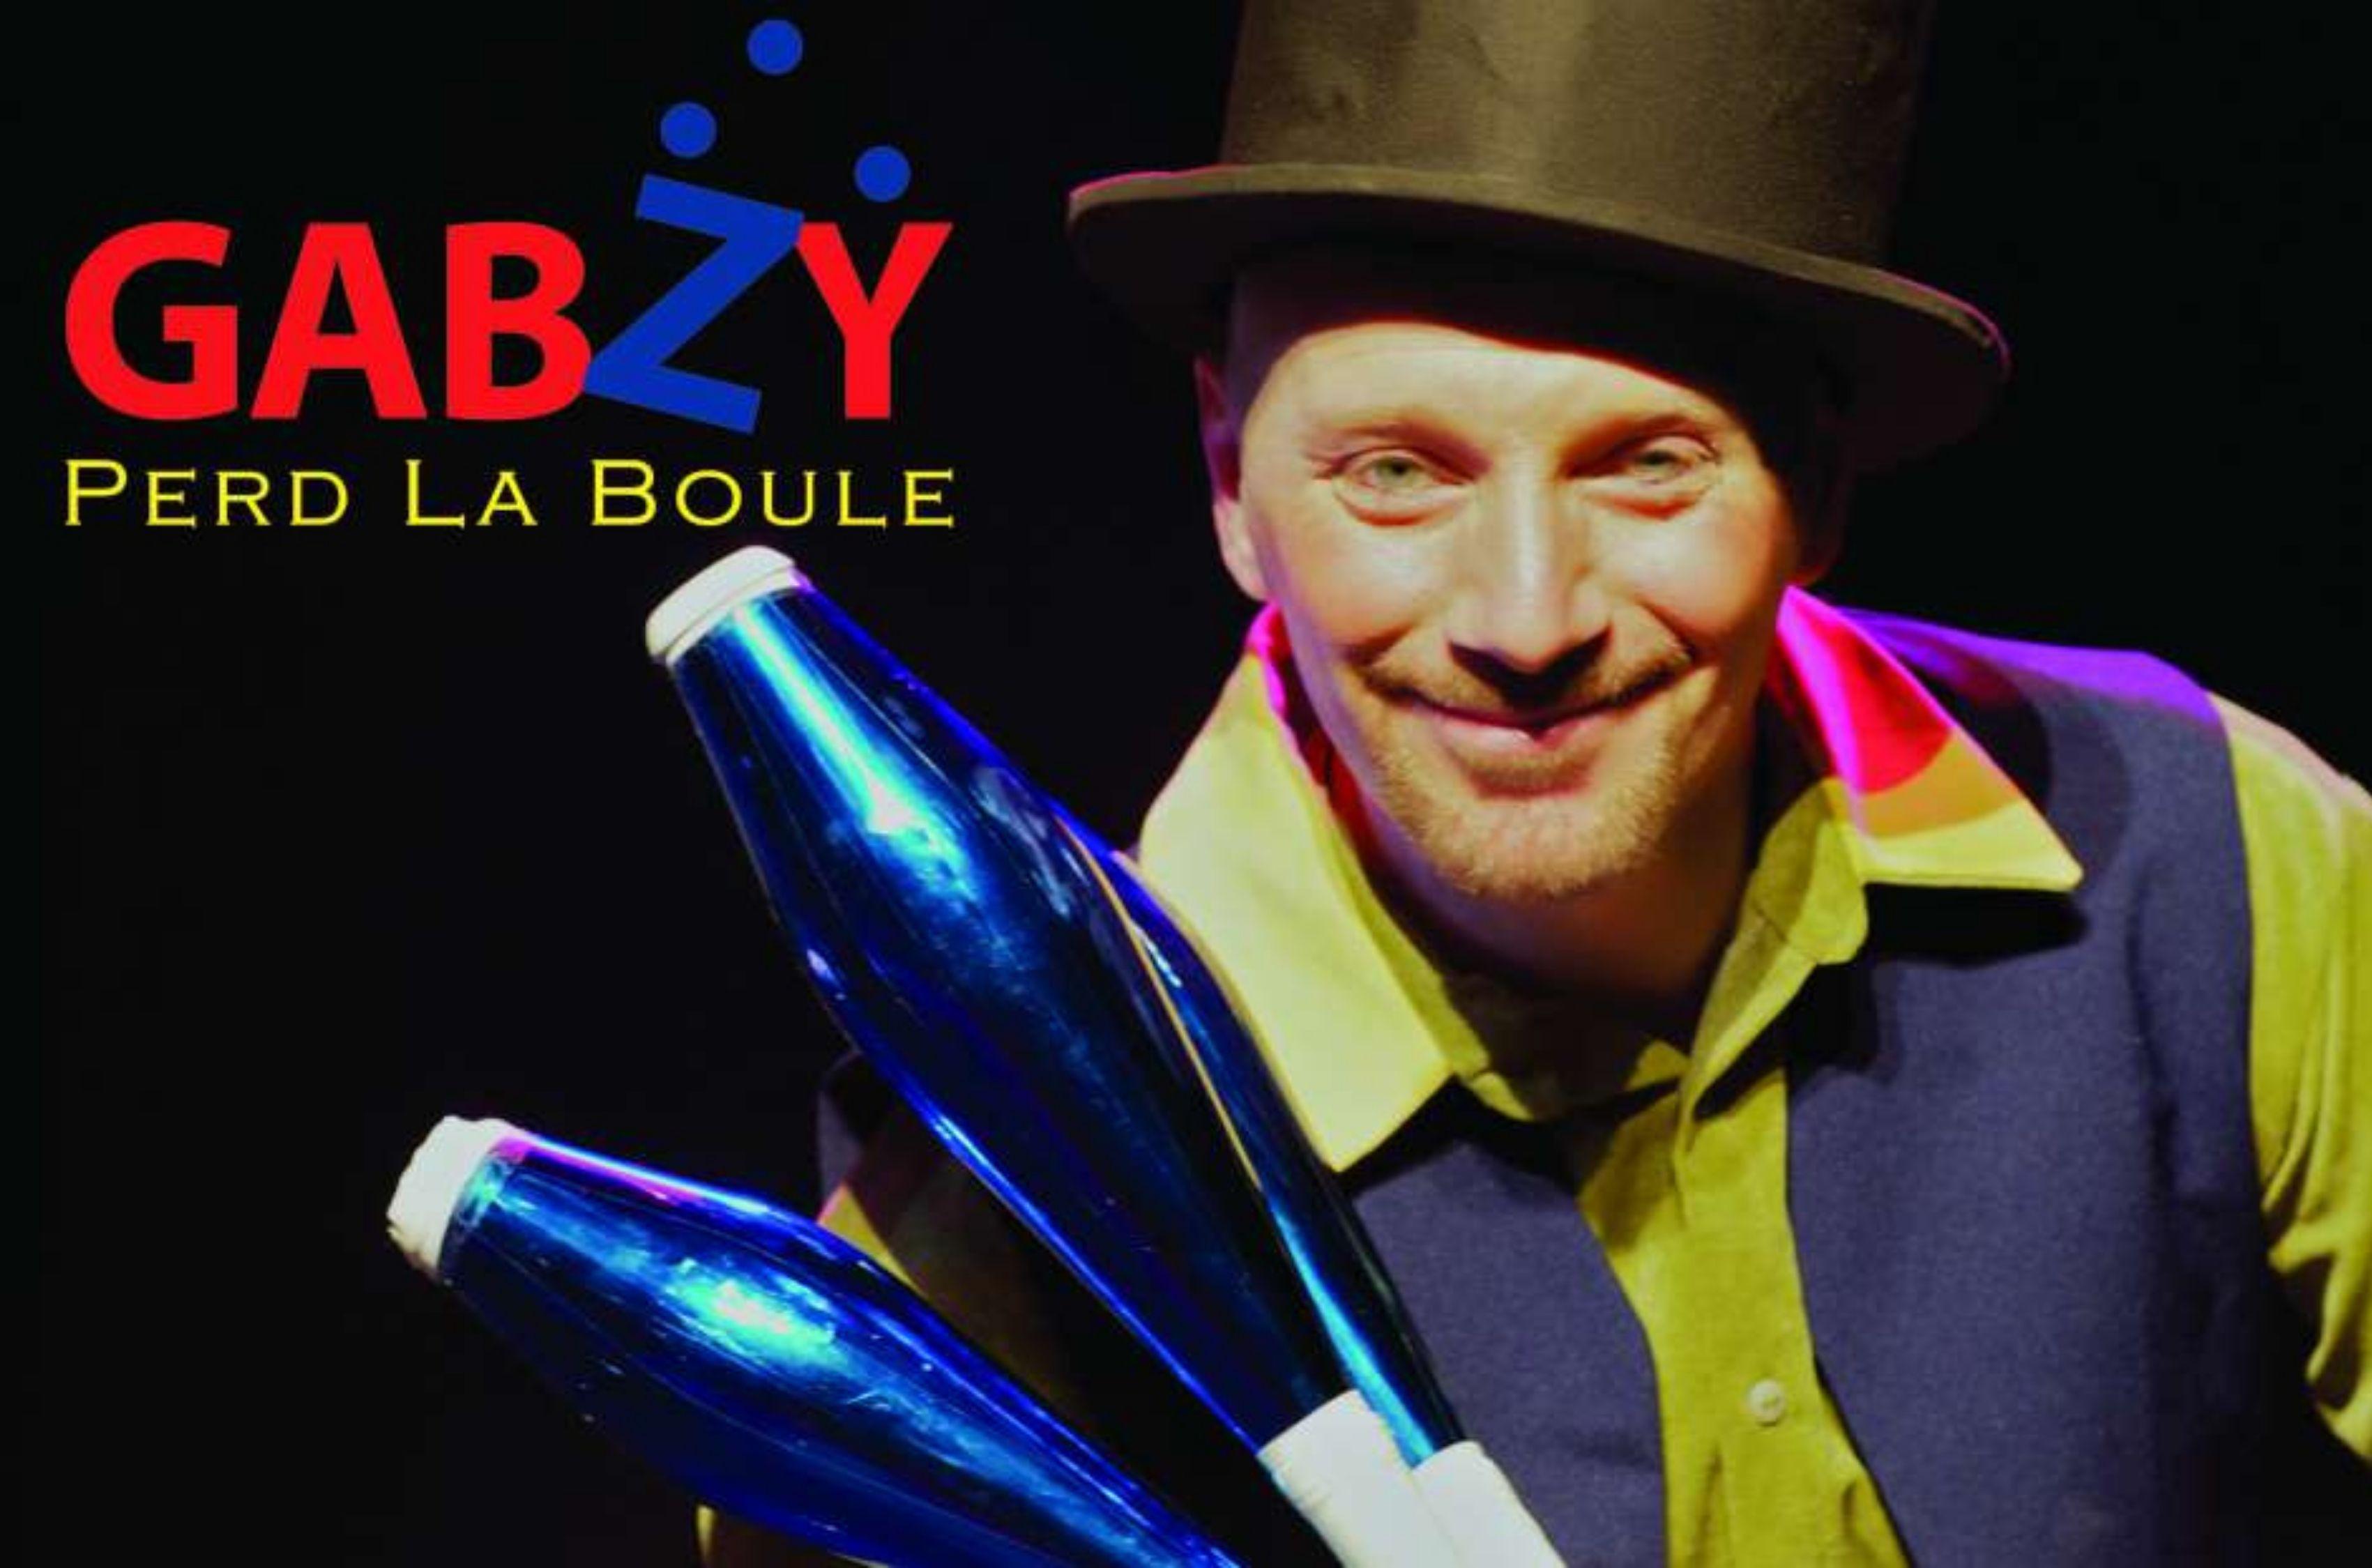 Ville de saint-Eustache - Gabzy (spectacle jeunesse)